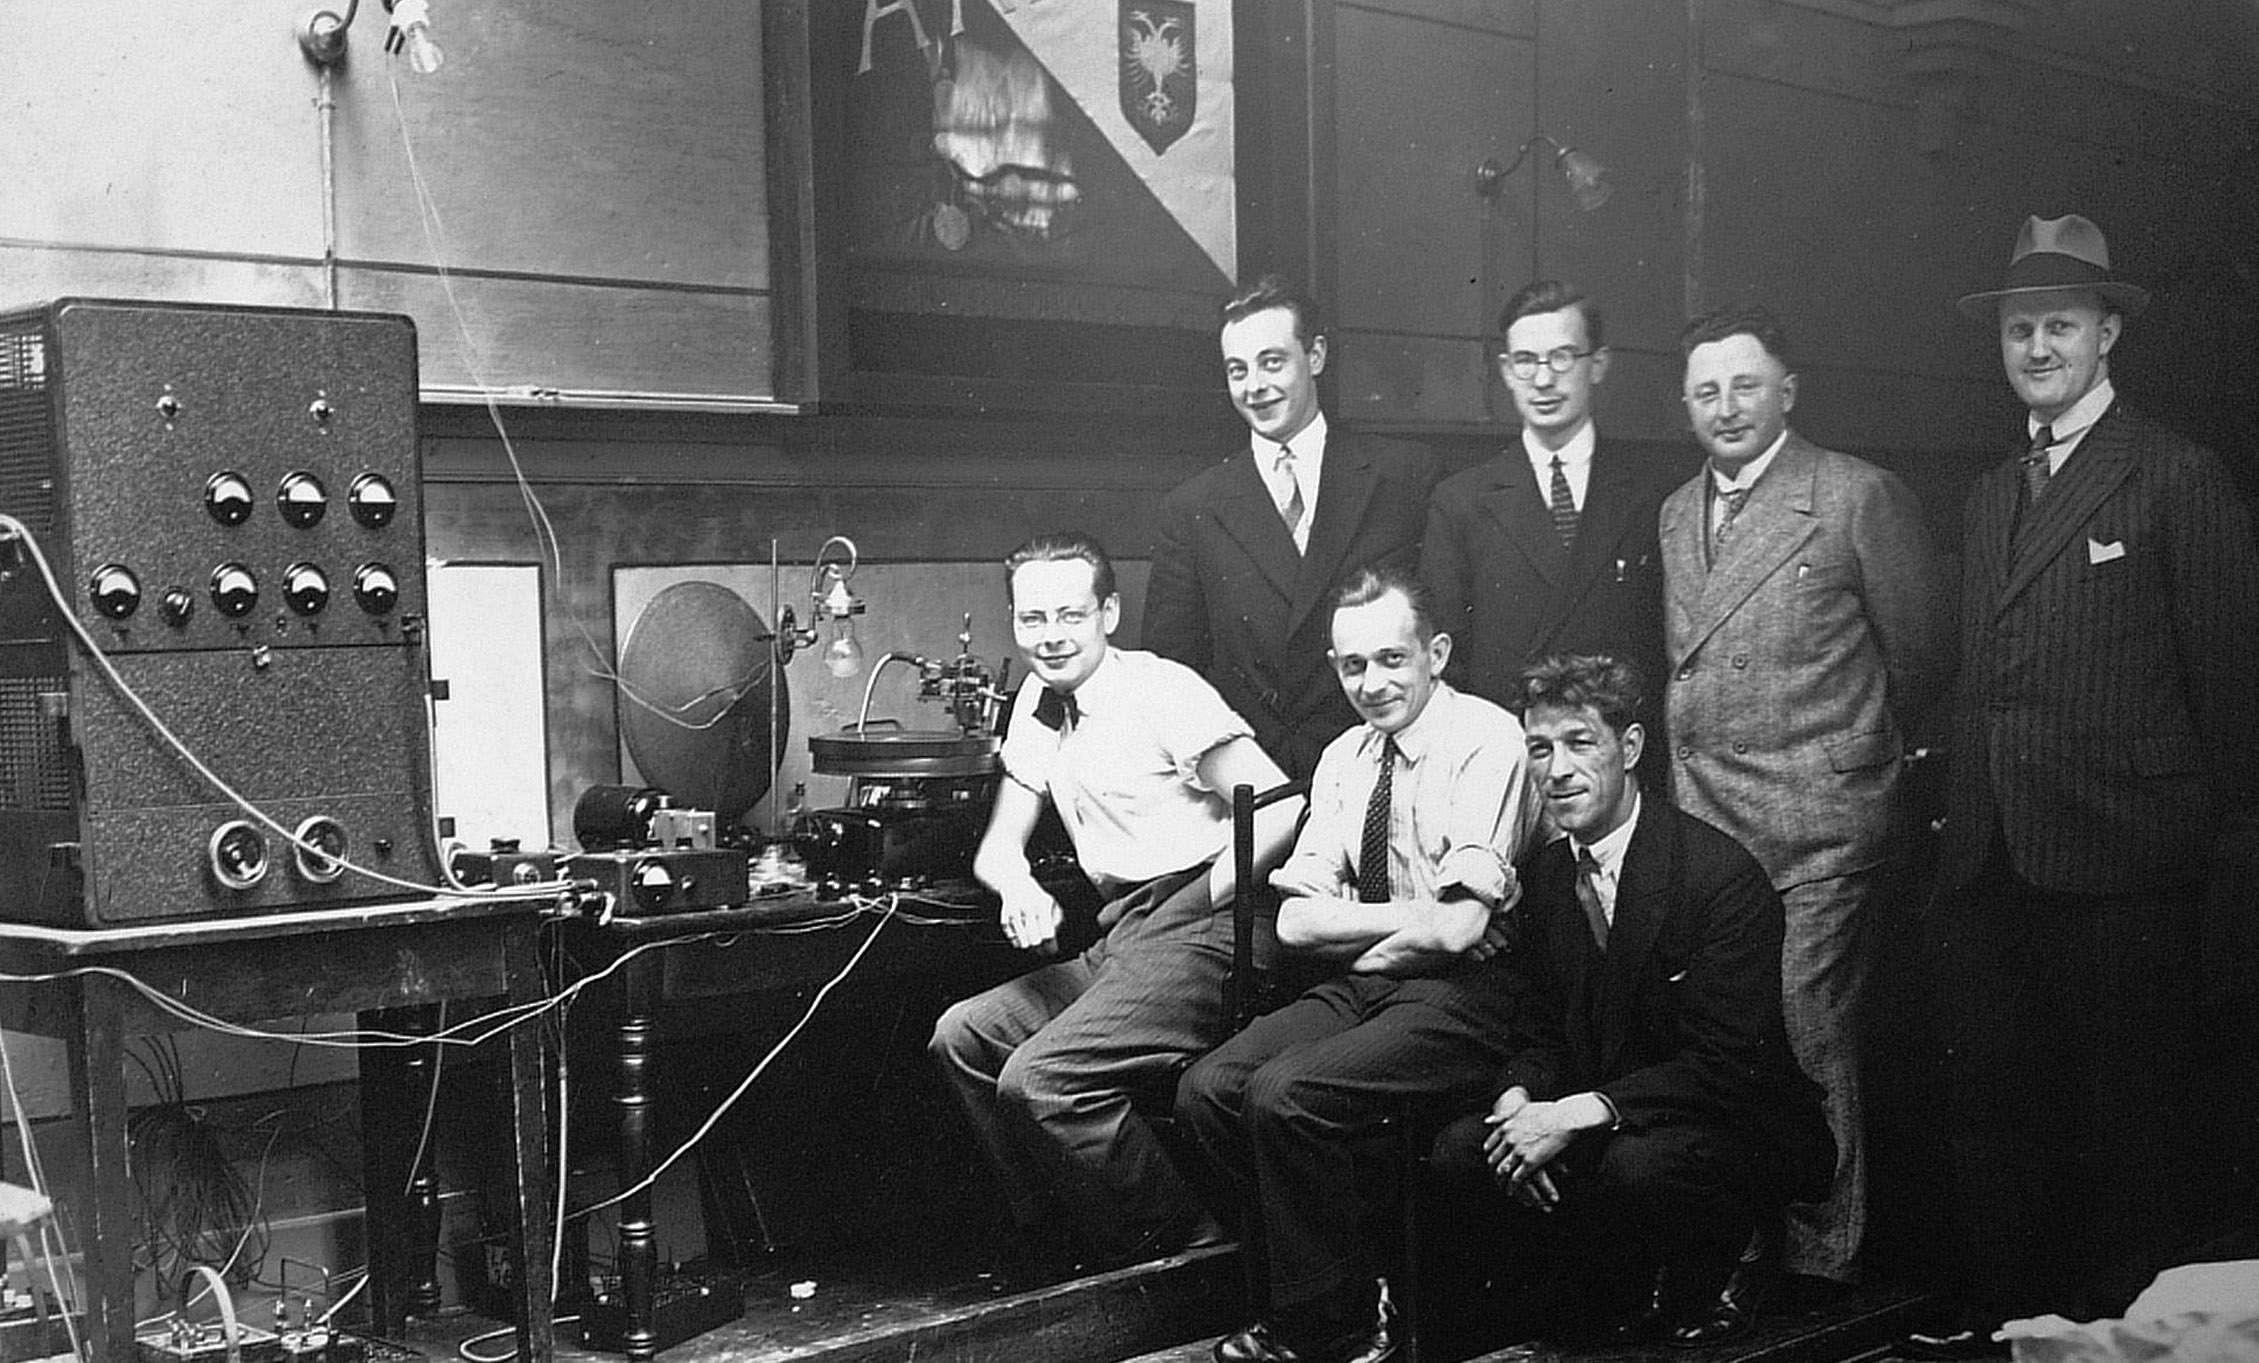 beyerdynamic feiert 90-jähriges Firmenjubiläum mit Sondereditionen